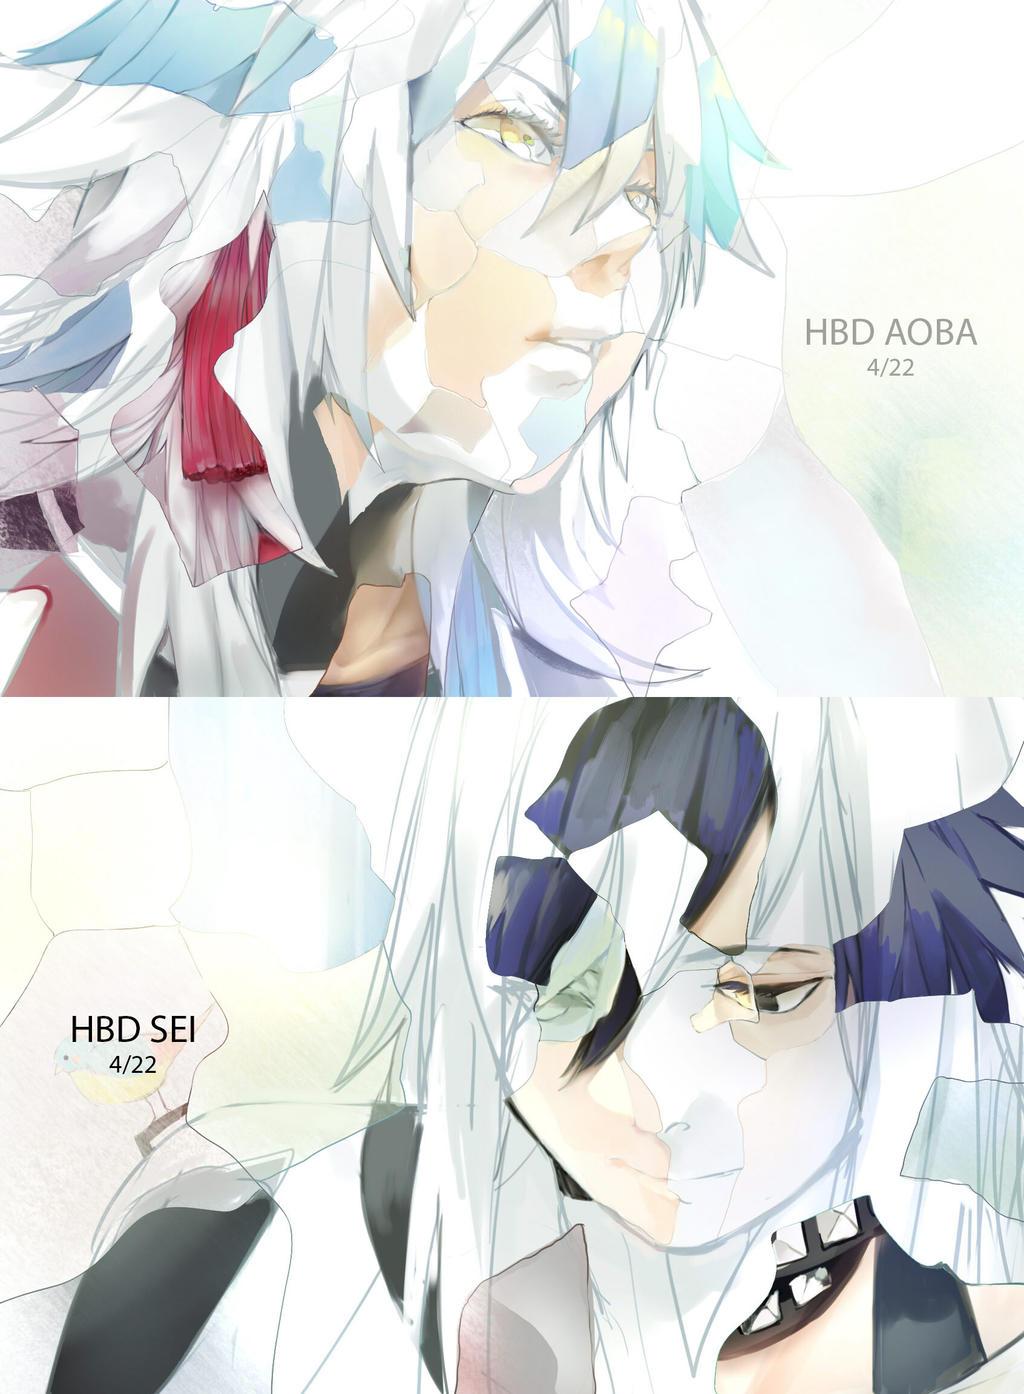 HBD Aoba and Sei by kohiu